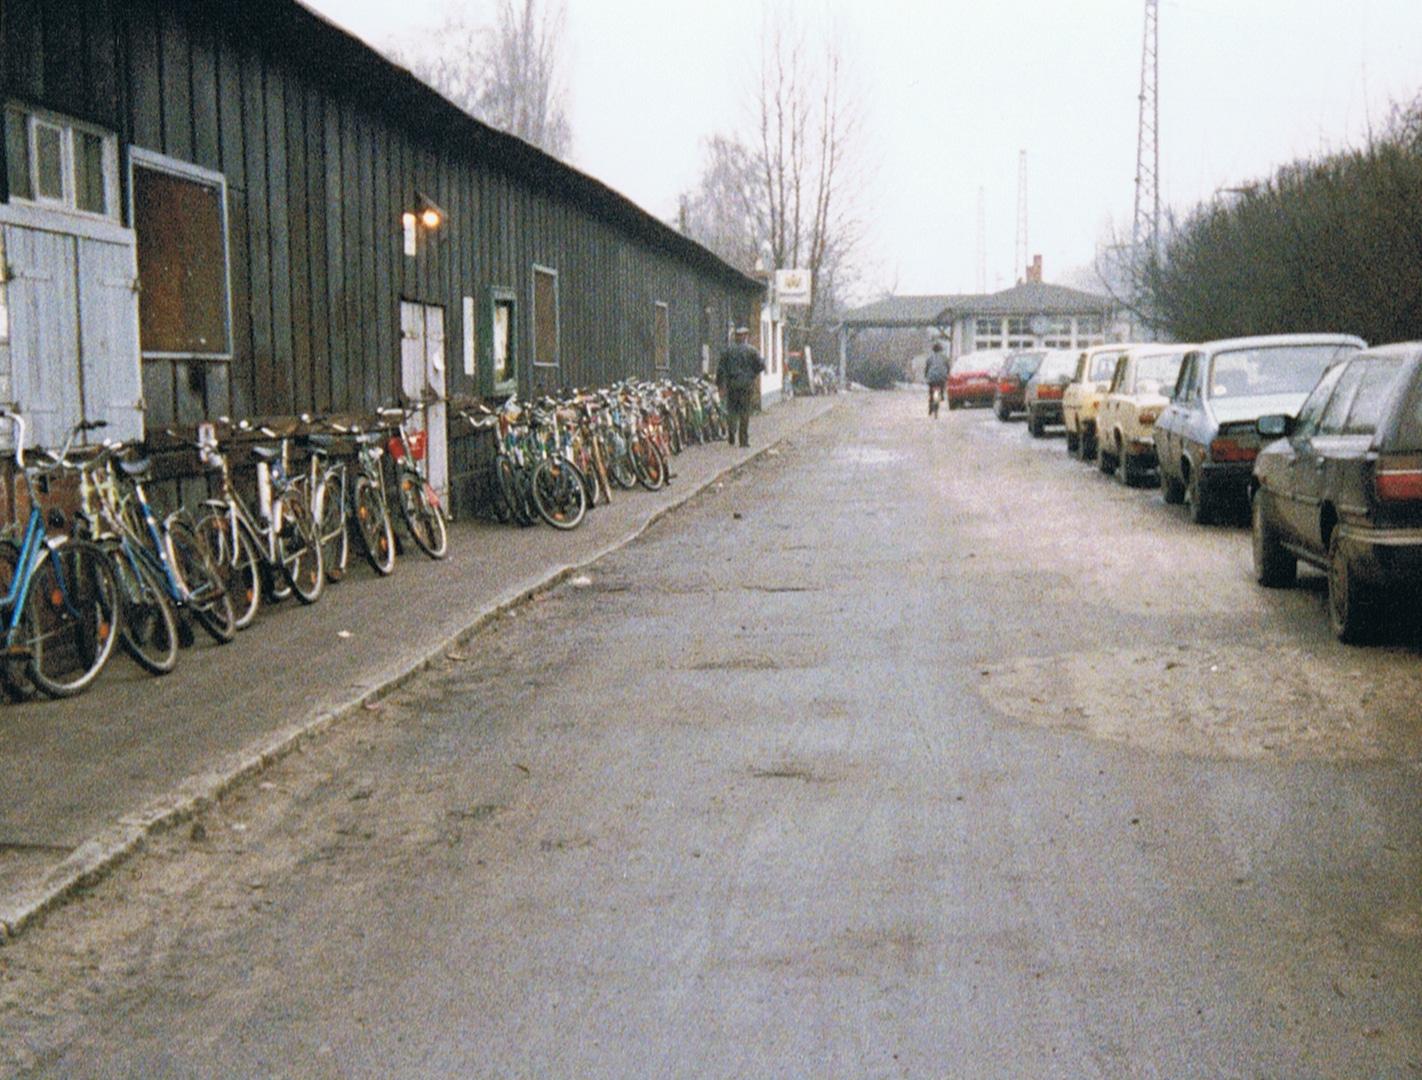 Fahrradschuppen.jpg